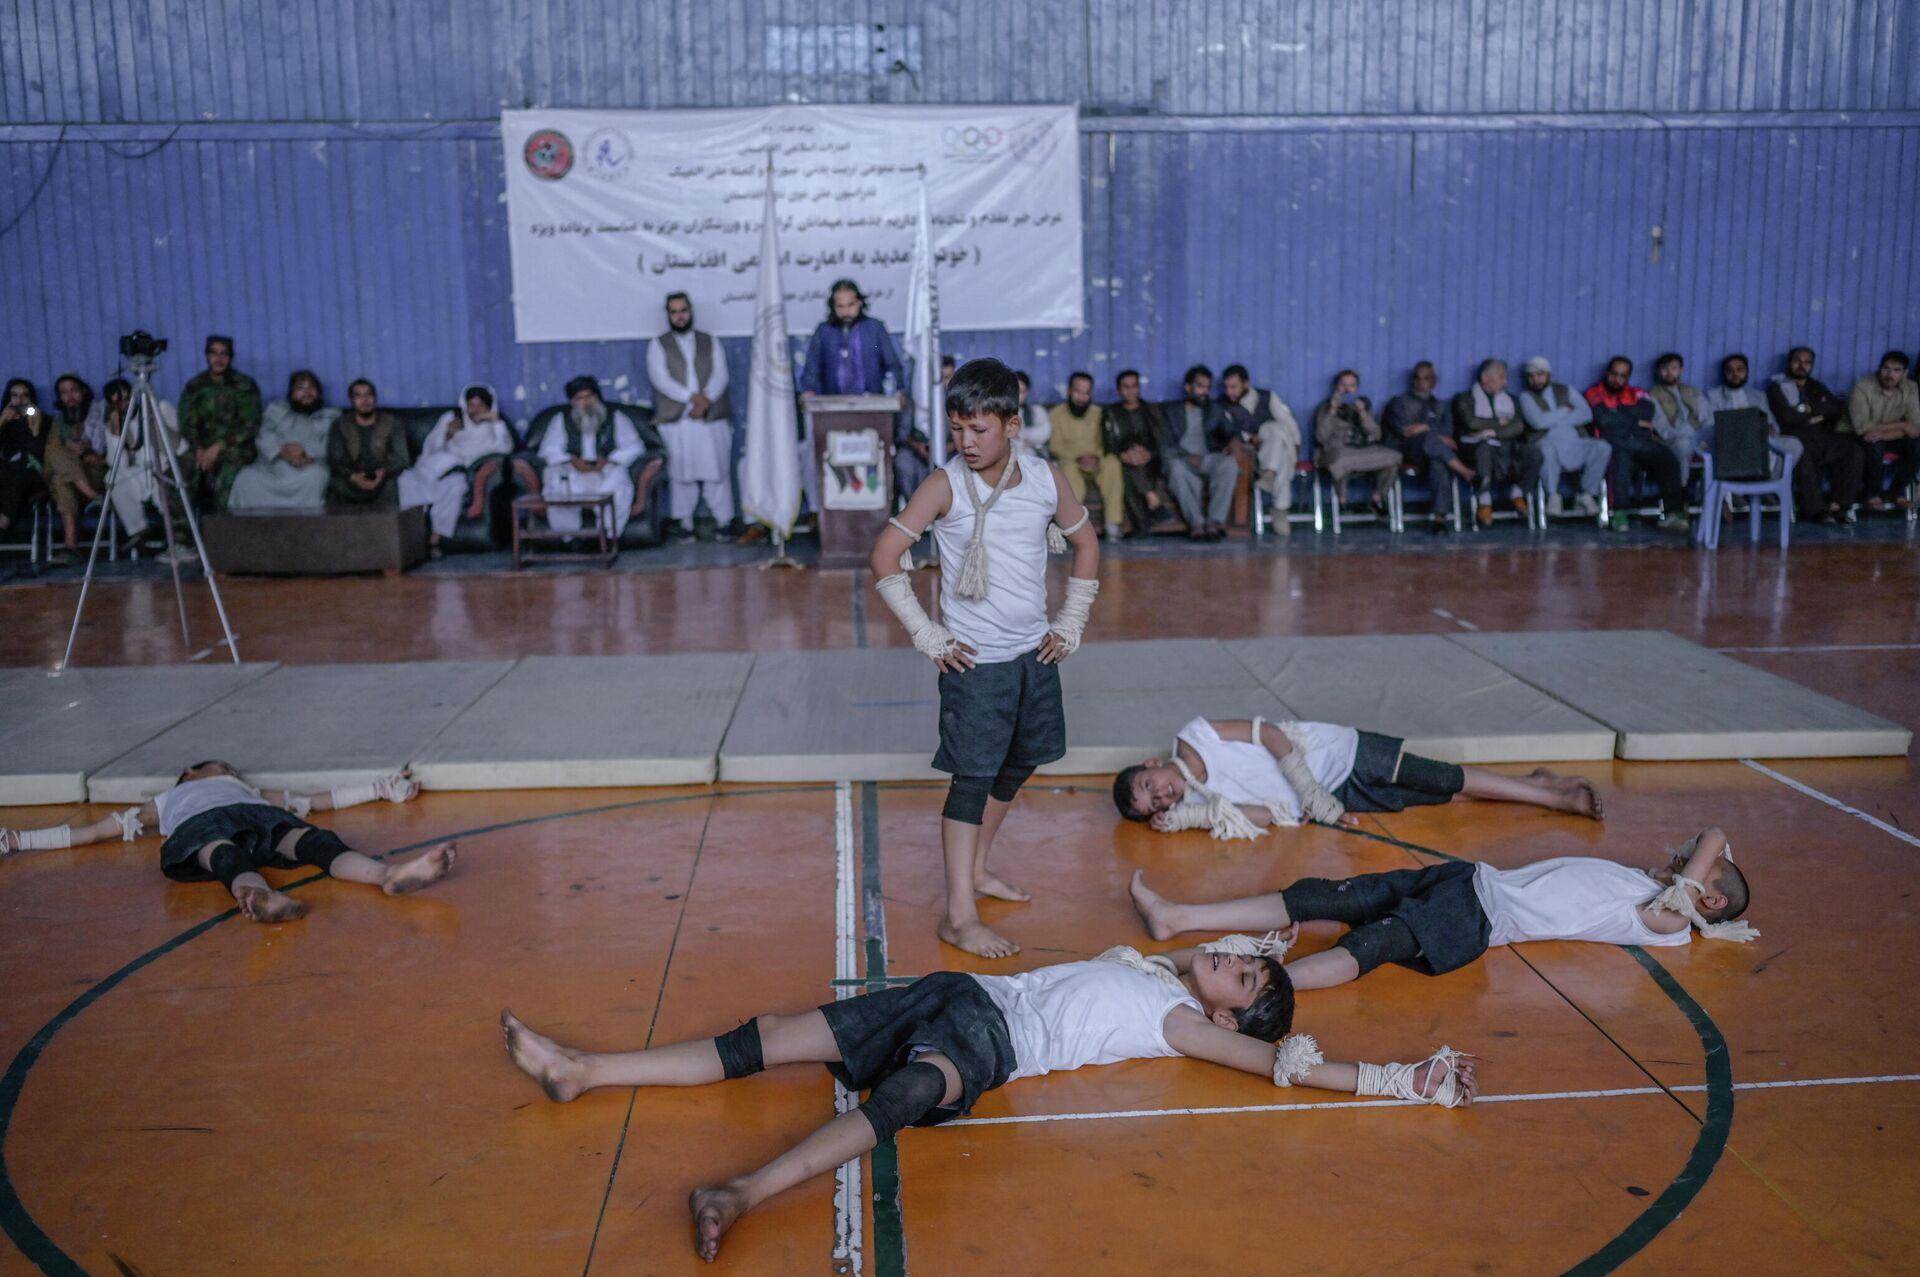 Taliban'ın beden eğitimi ve spor direktörü, Kabil'deki bir spor salonunda gençlerin aktivitelerini izledi - Sputnik Türkiye, 1920, 14.09.2021